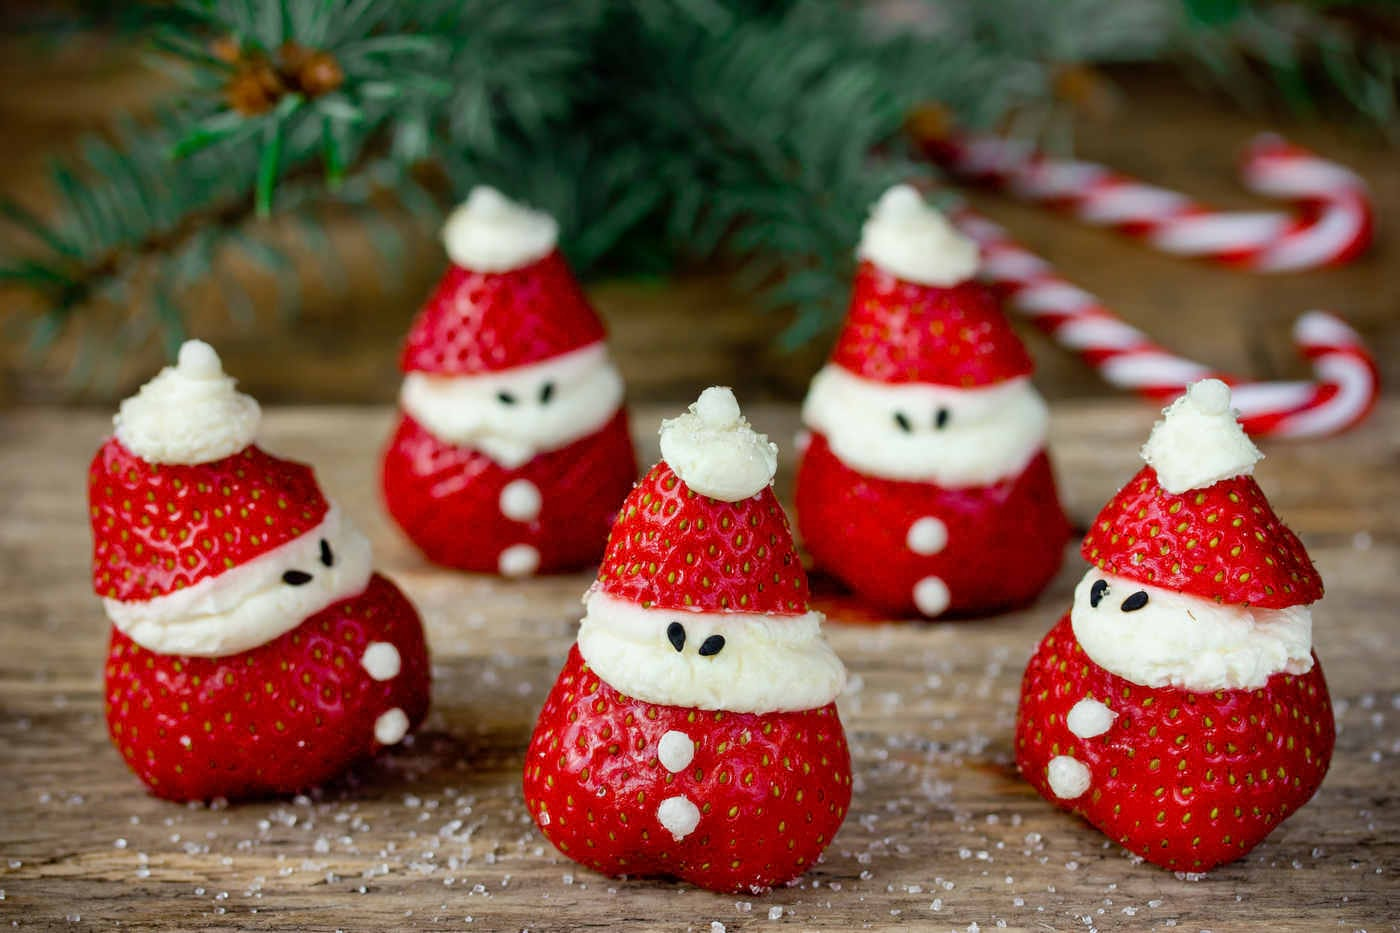 Gustări sănătoase pentru copii de Crăciun